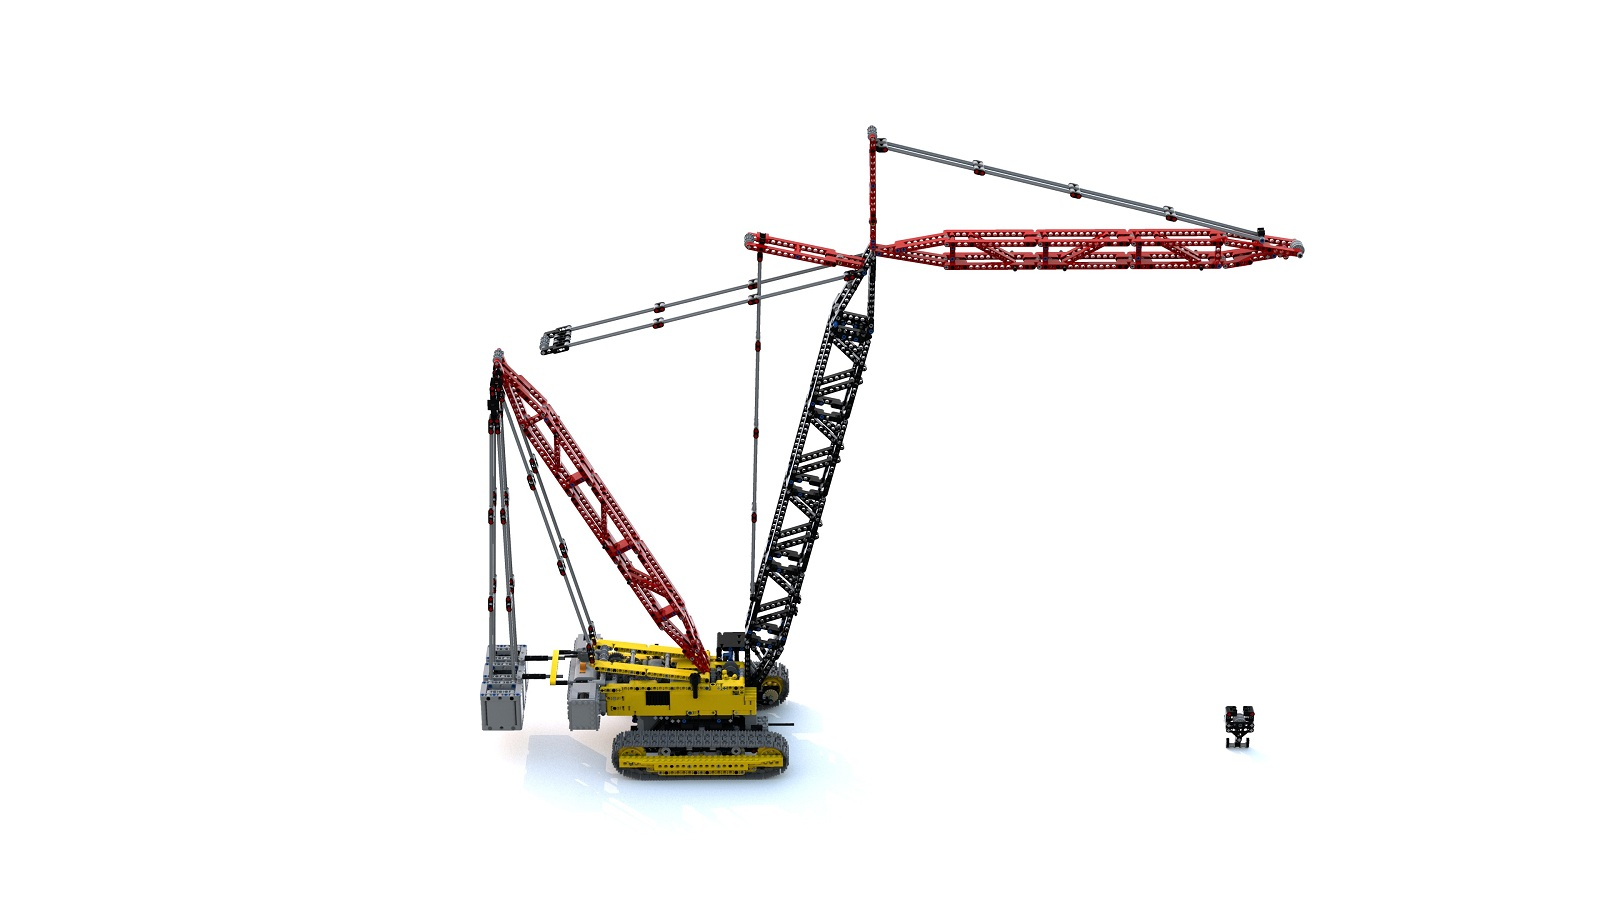 crawler_crane_derrick_1600_3.jpg